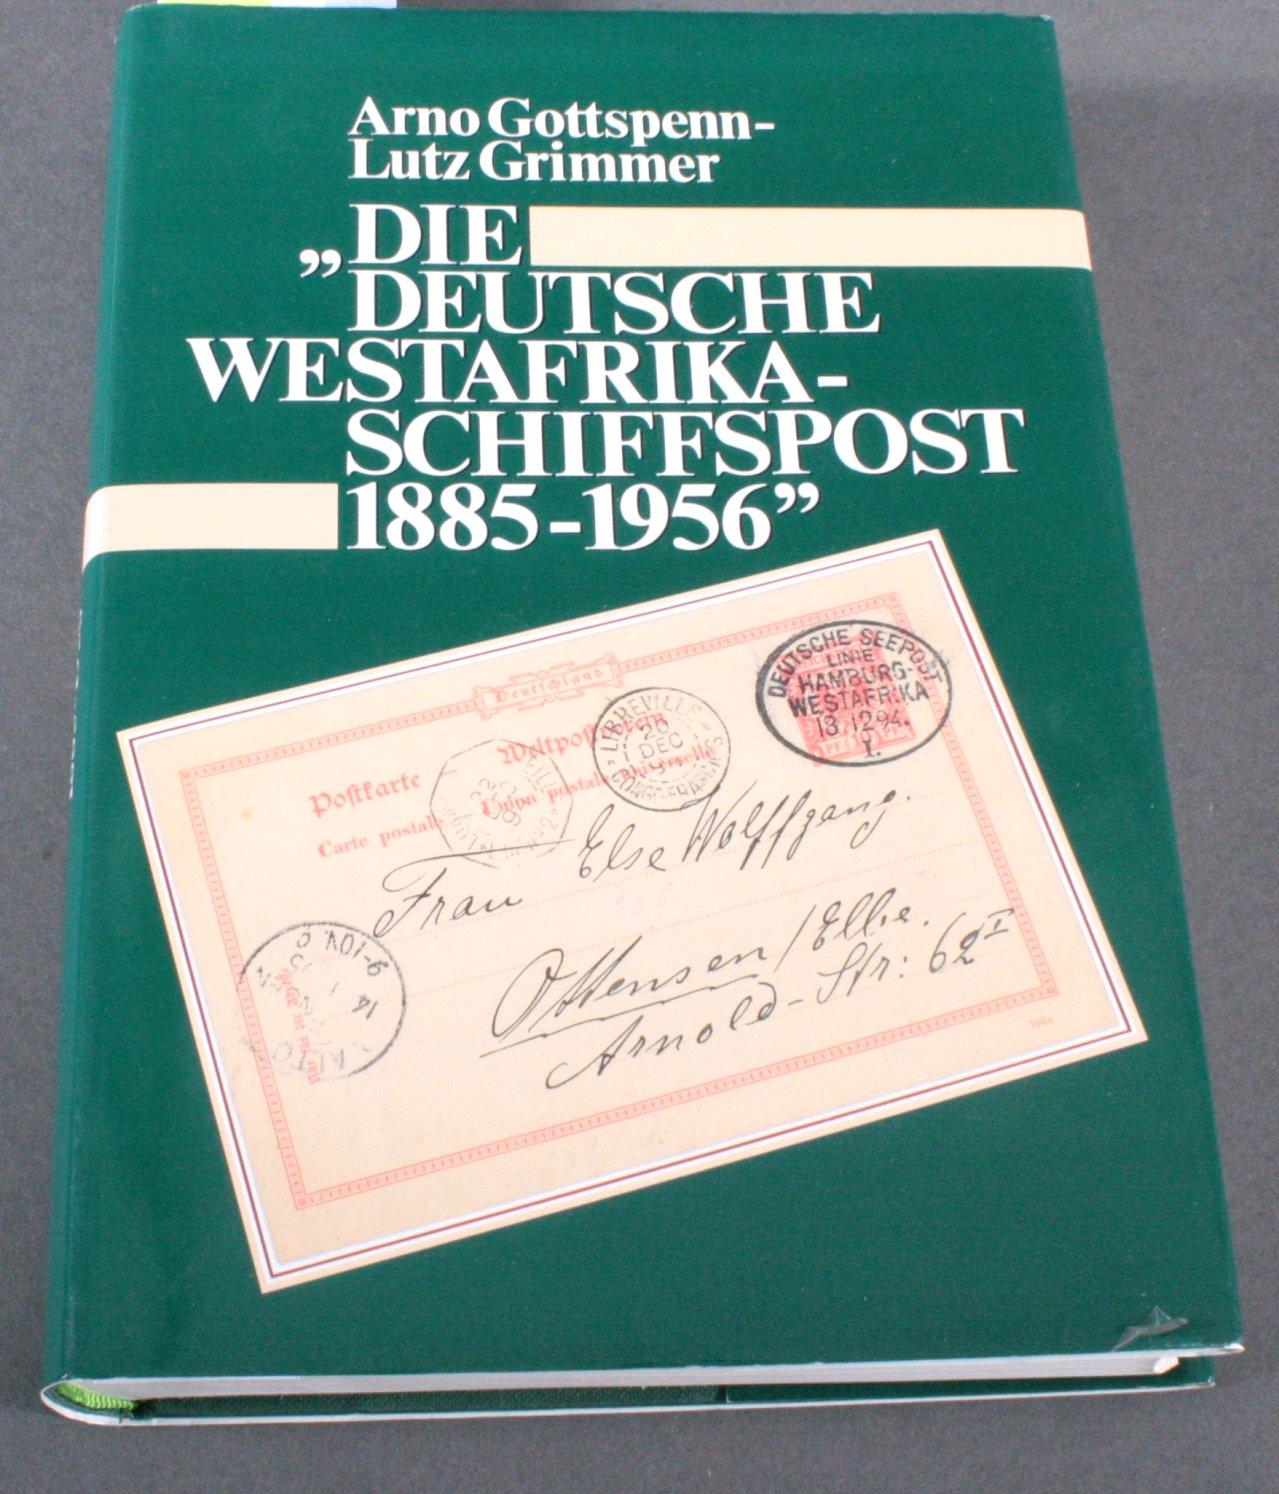 DEUTSCH SÜDWESTAFRIKA – LITERATUR Schiffspost 1885-1956